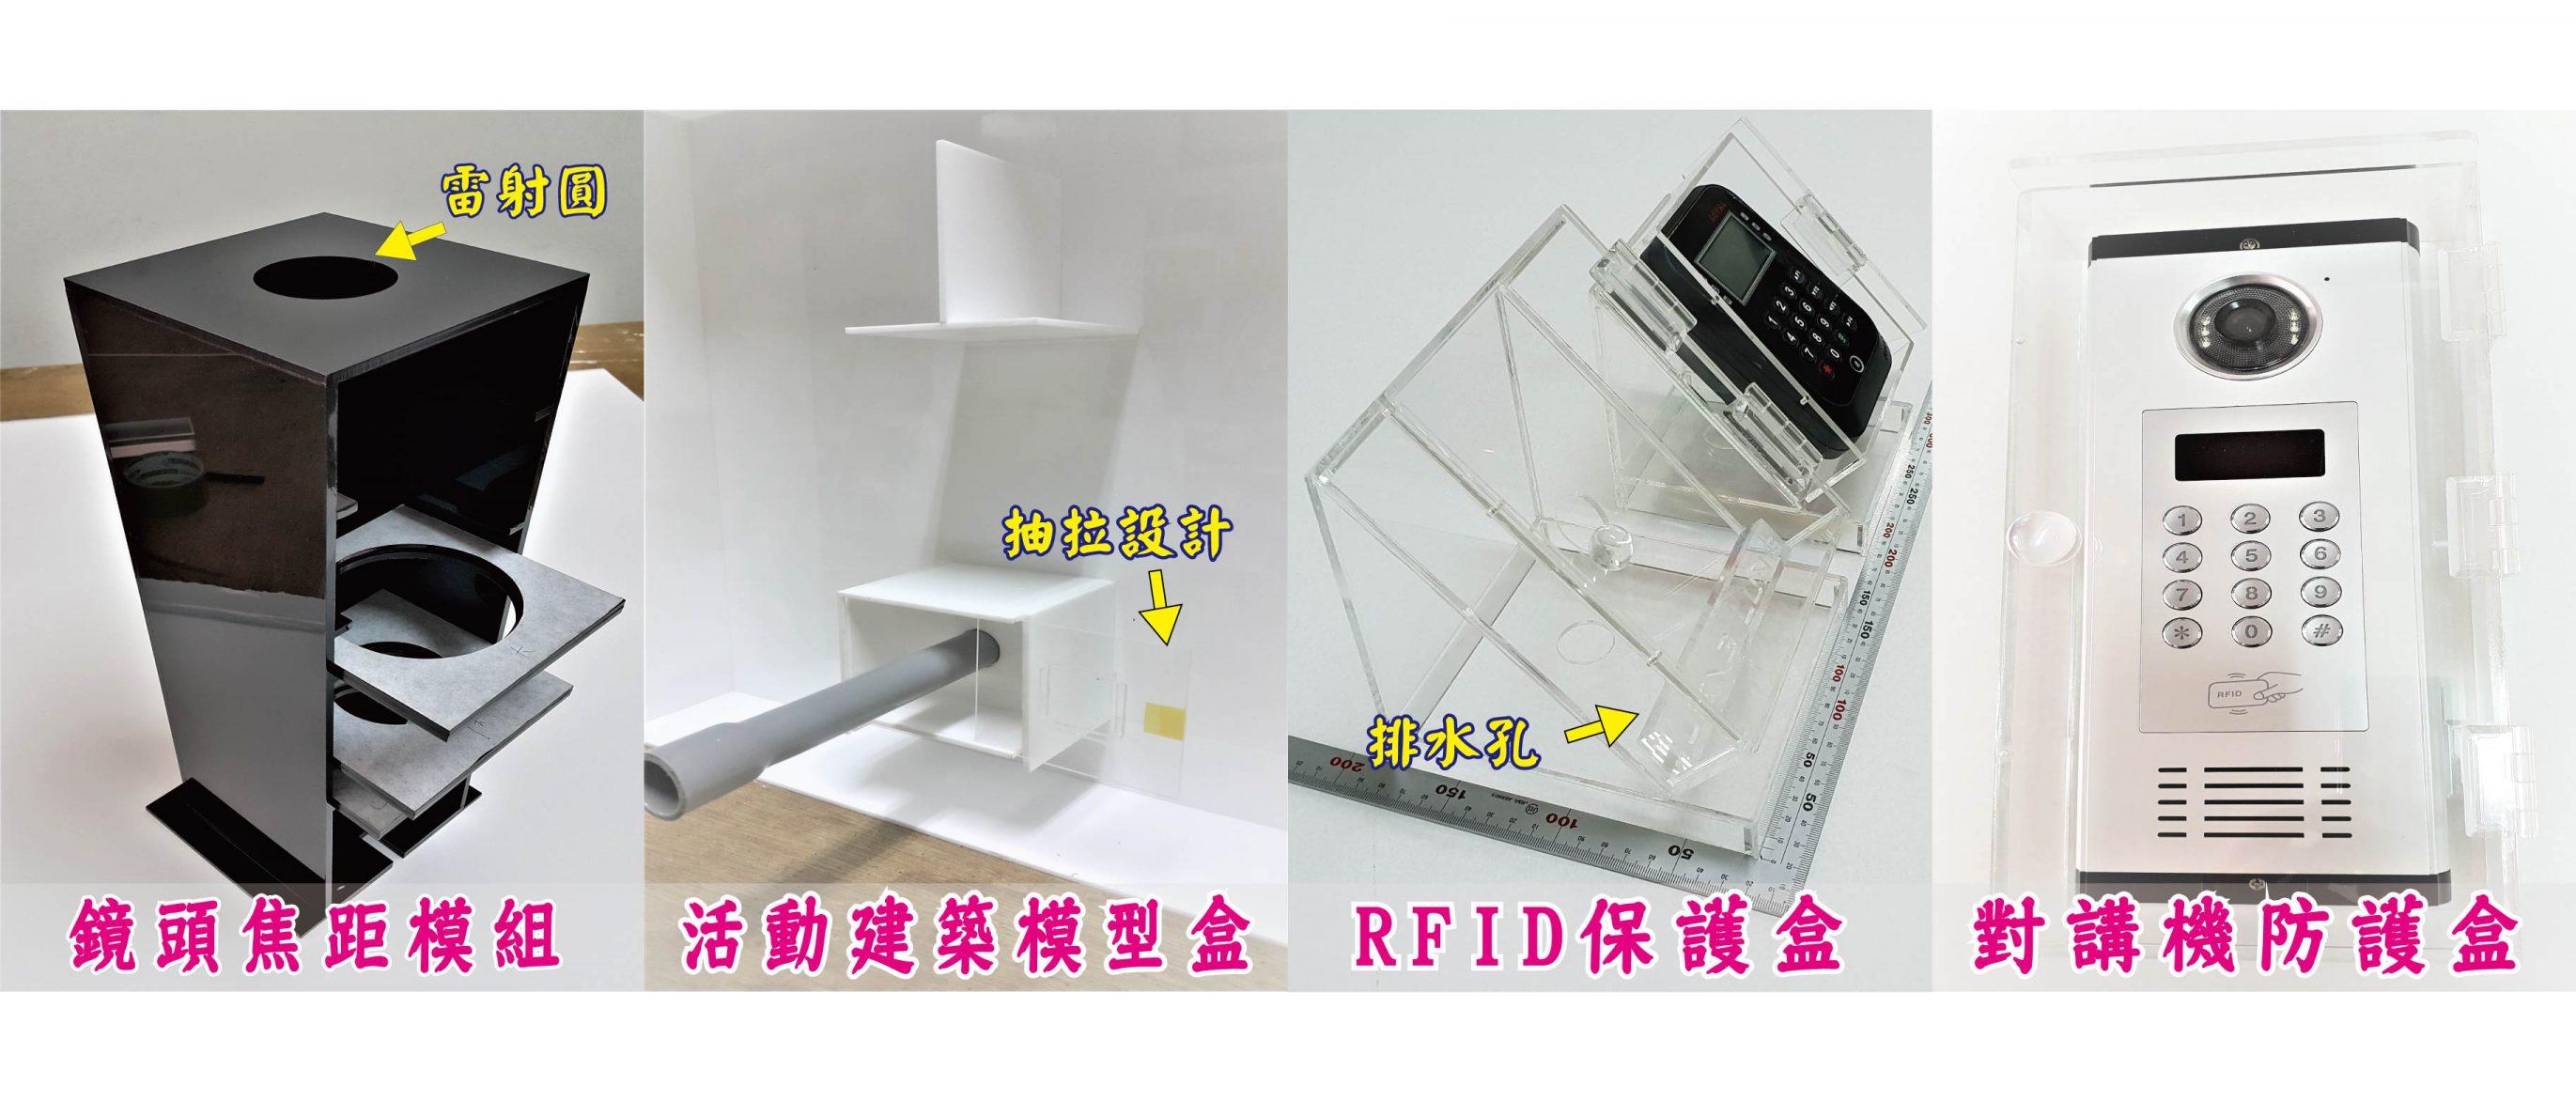 力克壓克力-客製化壓克力盒/壓克力箱